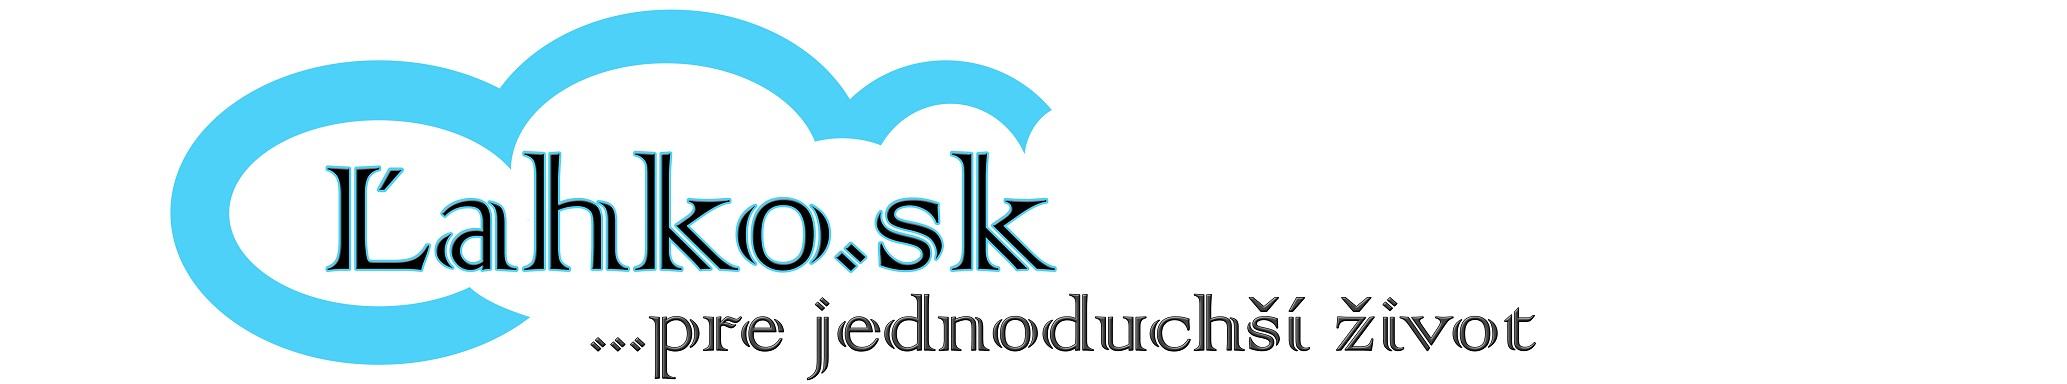 Ľahko.sk – magazín pre ženy